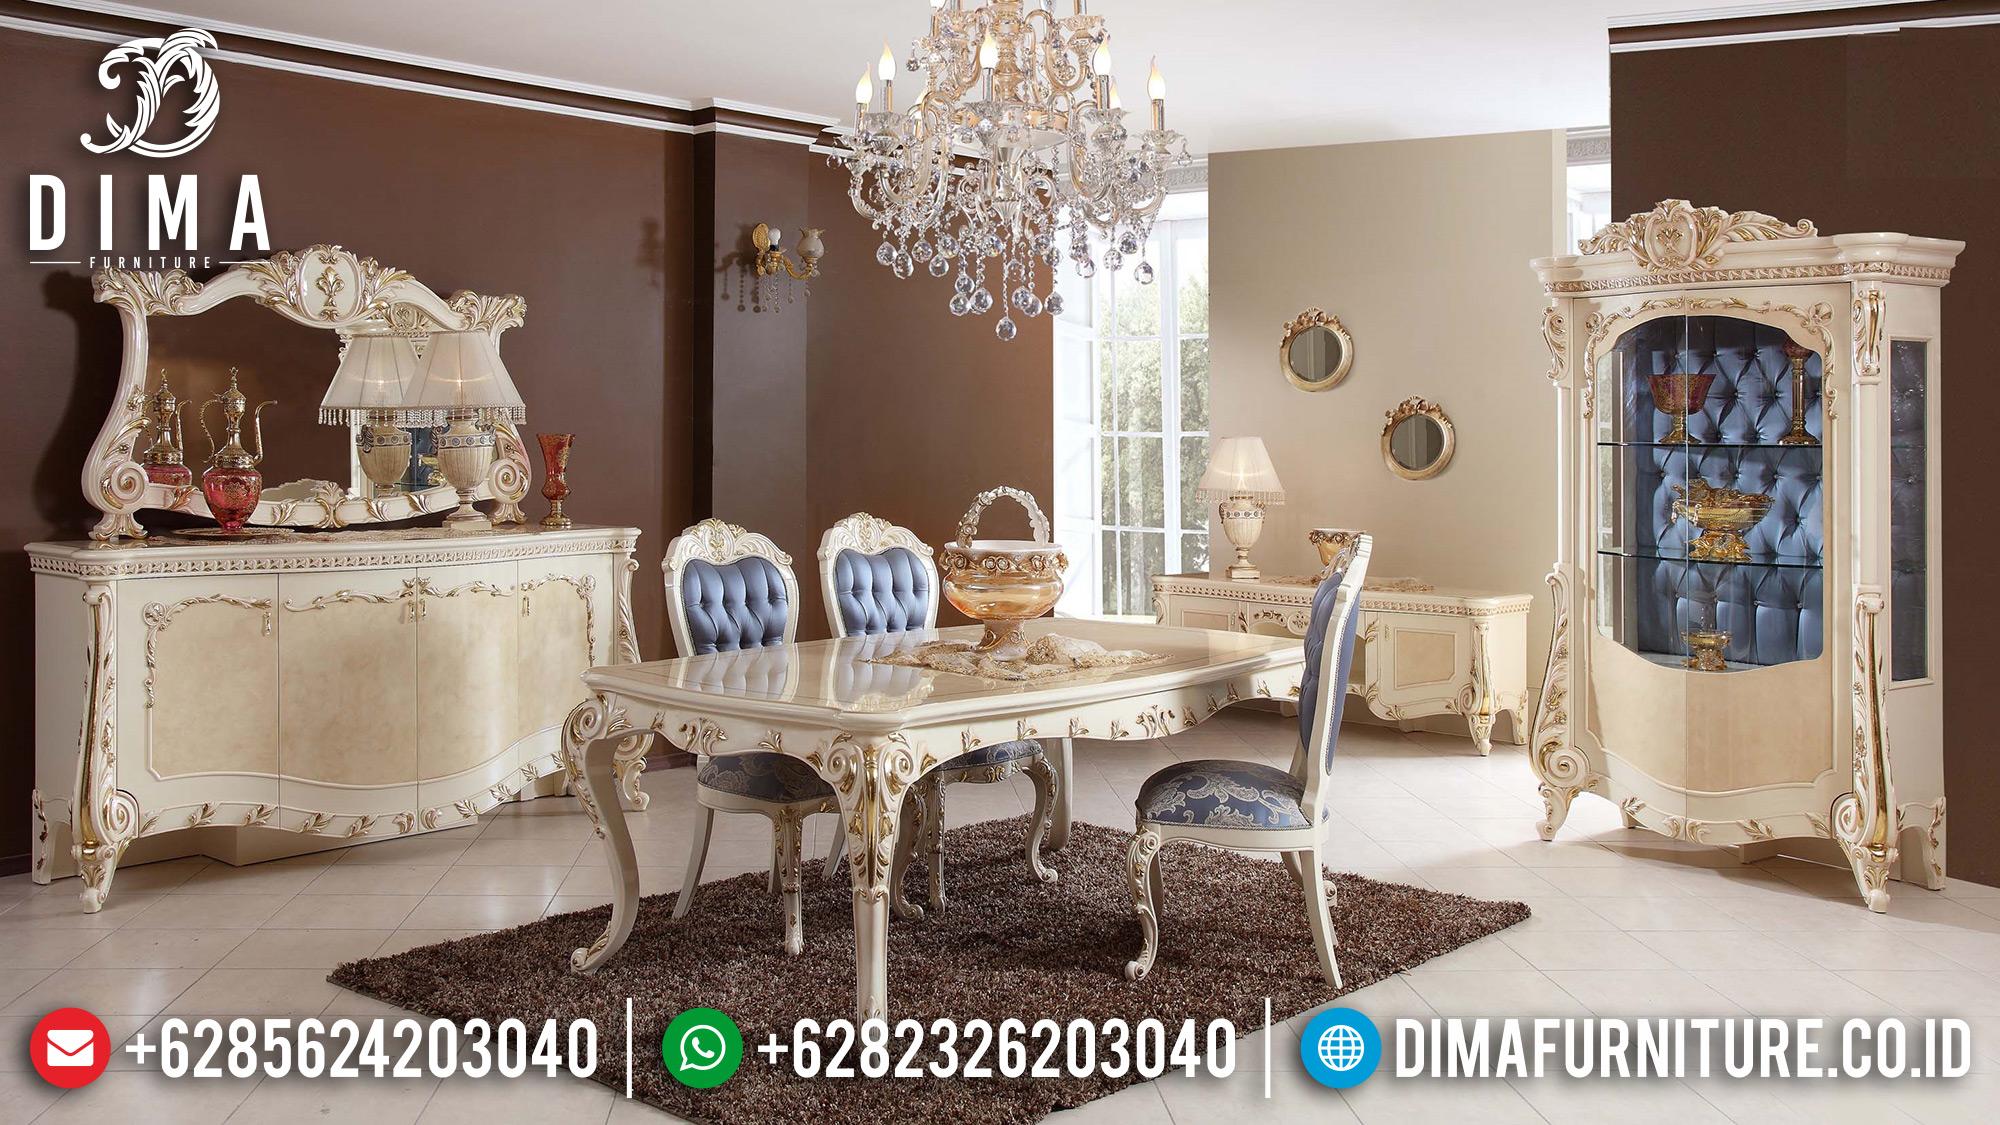 Meja Makan Mewah Jepara Terbaru 2018 05 Dima Furniture Jepara